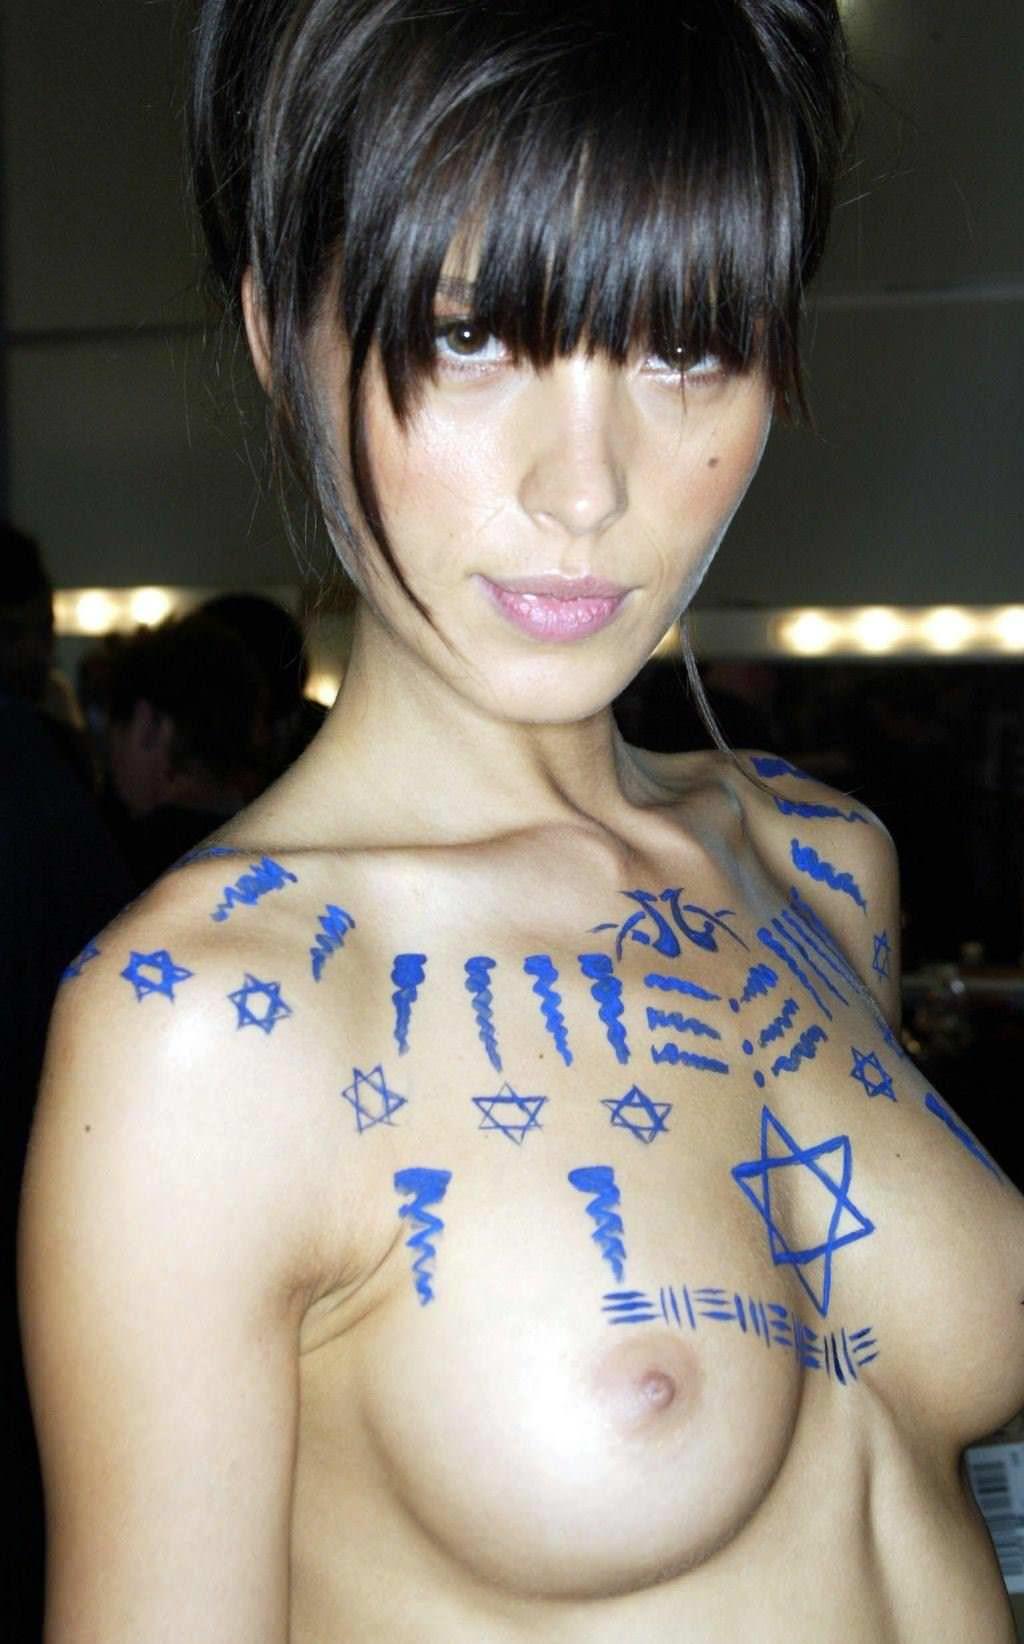 【外人】おっぱいにボディーペイント中のファッションモデルのポルノ画像 2604